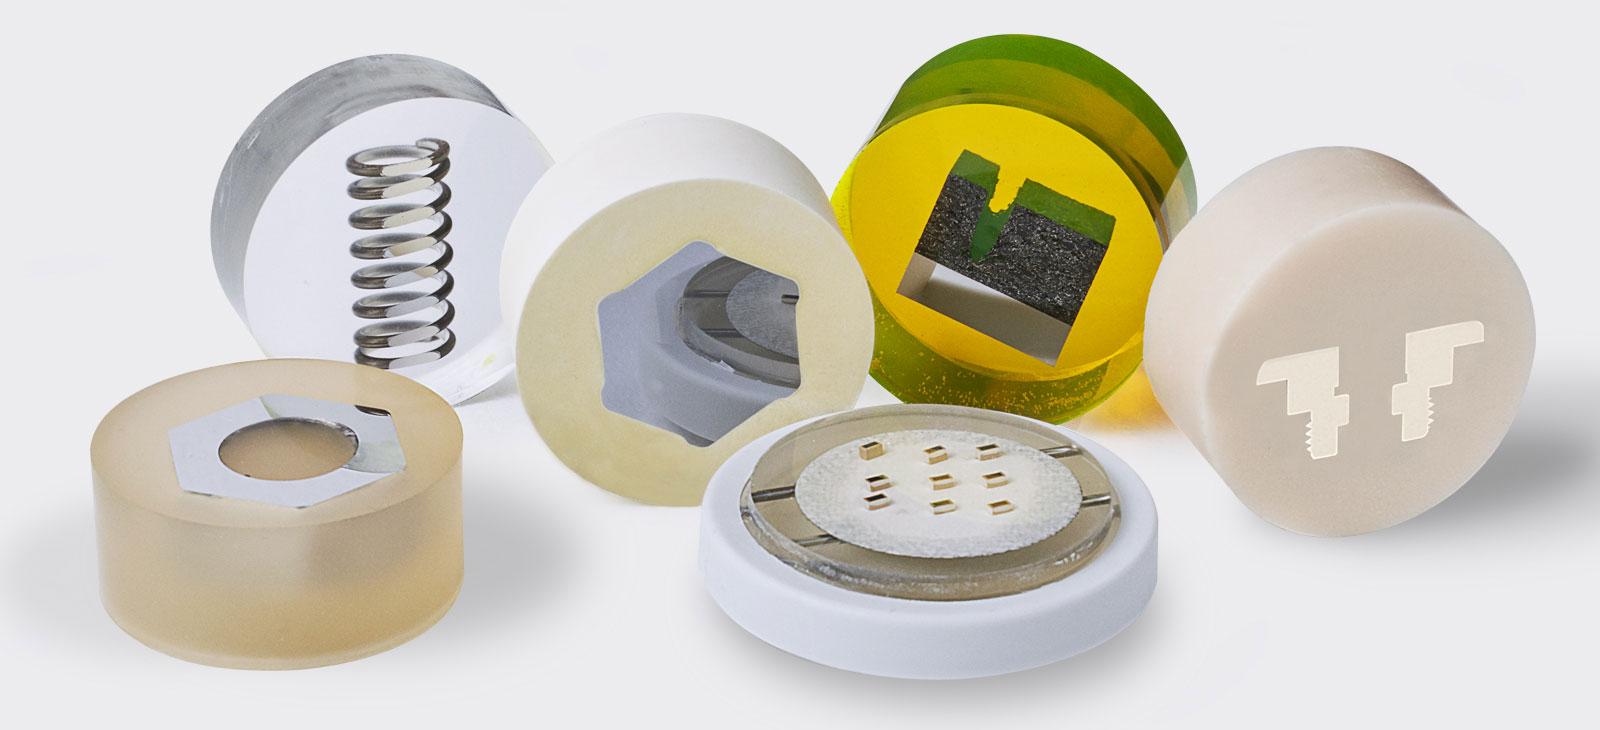 Verbrauchsmaterialien für Einbettgeräte